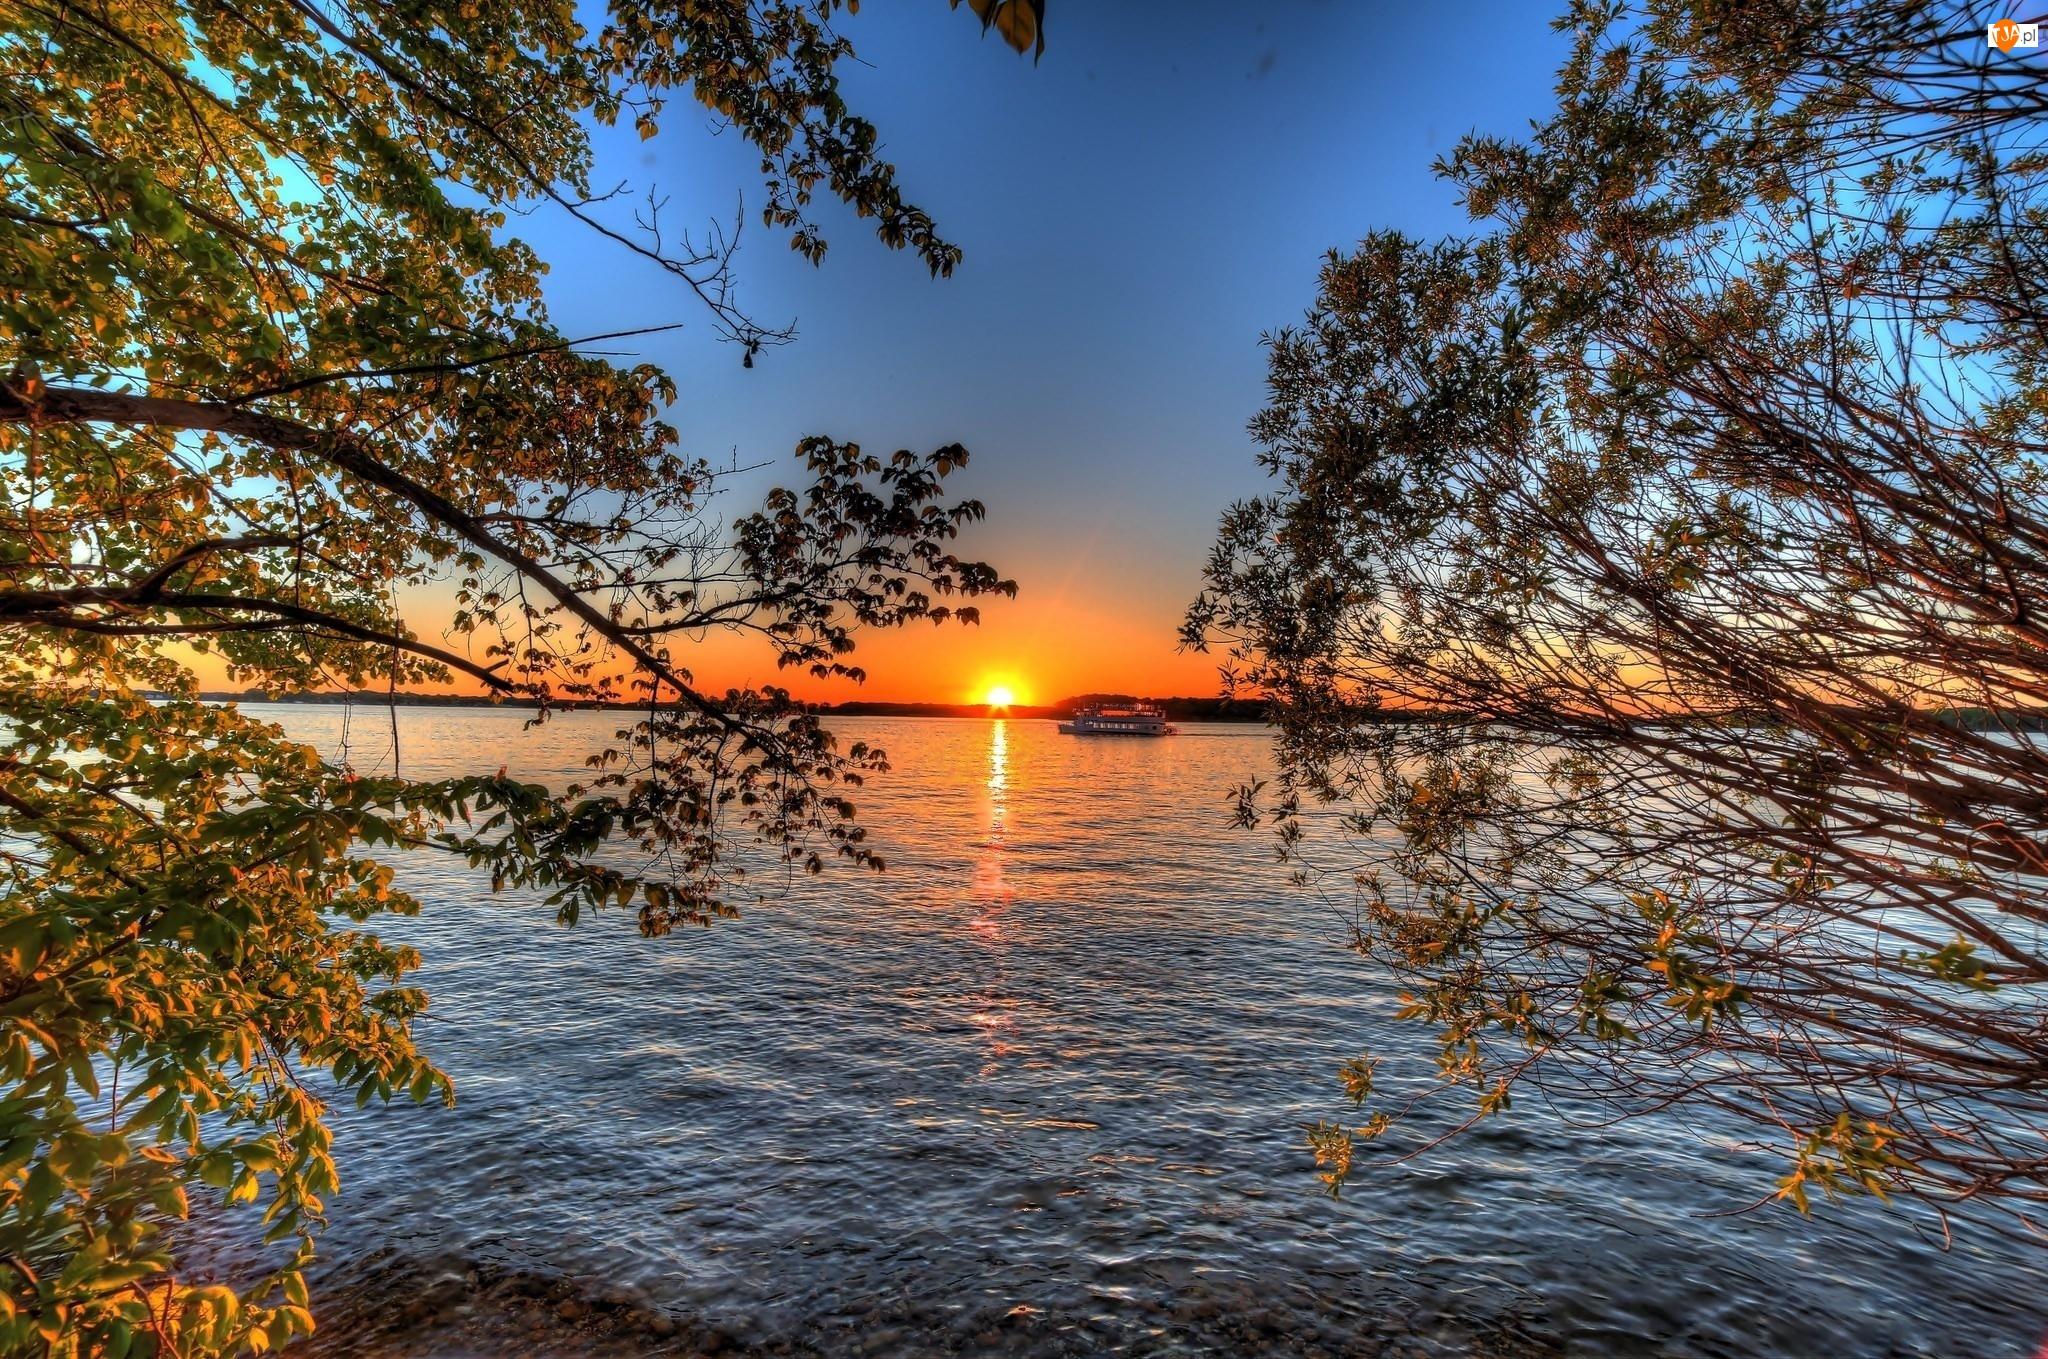 Wycieczkowy, Zachód, Jezioro, Słońca, Statek, Drzewa